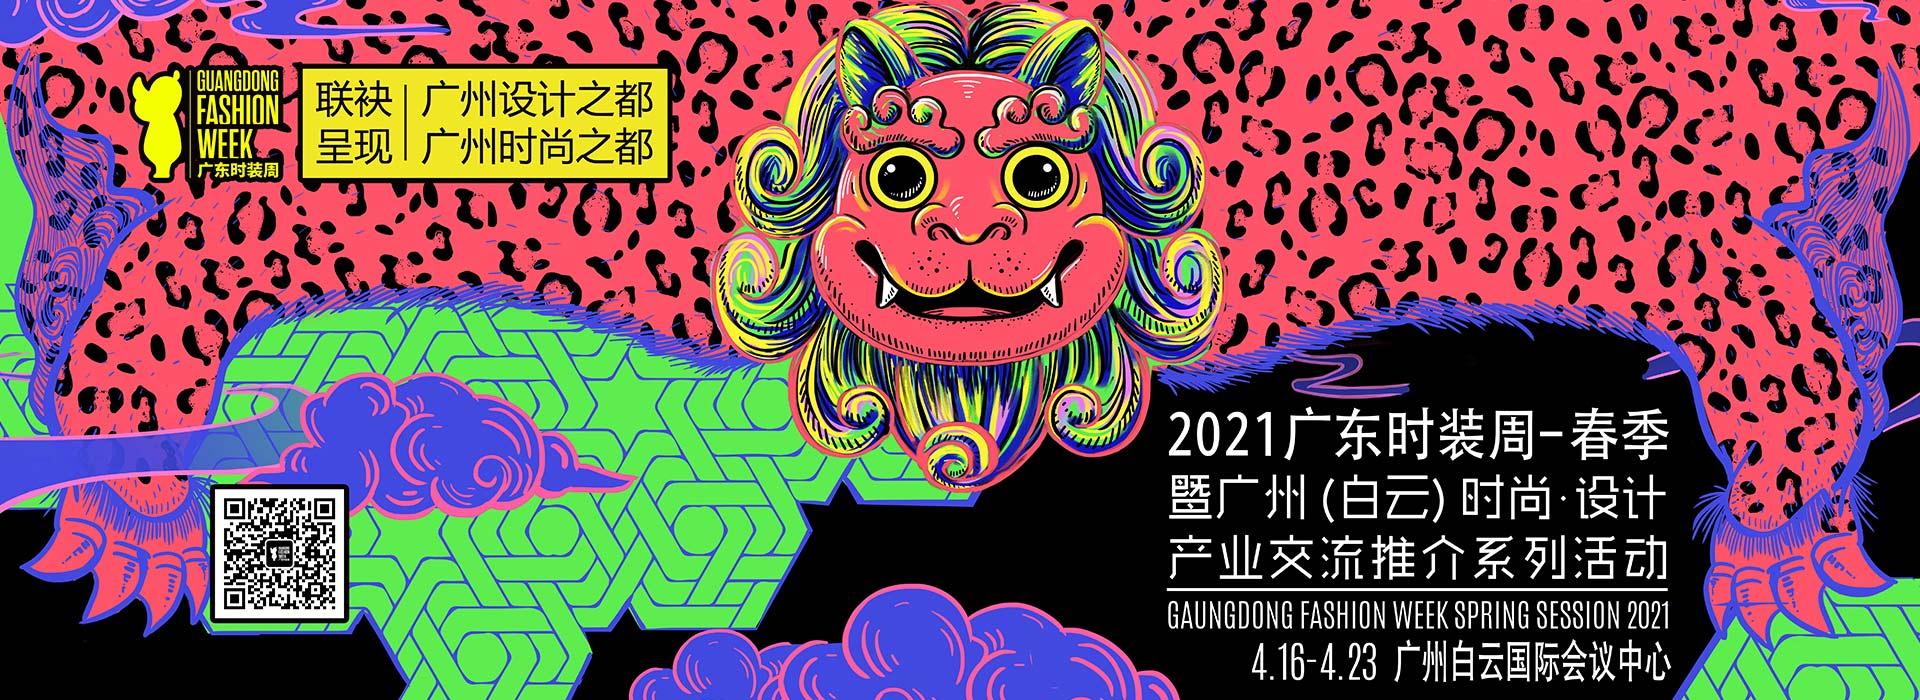 2021广东时装周-春季暨广州(白云)时尚・设计产业交流